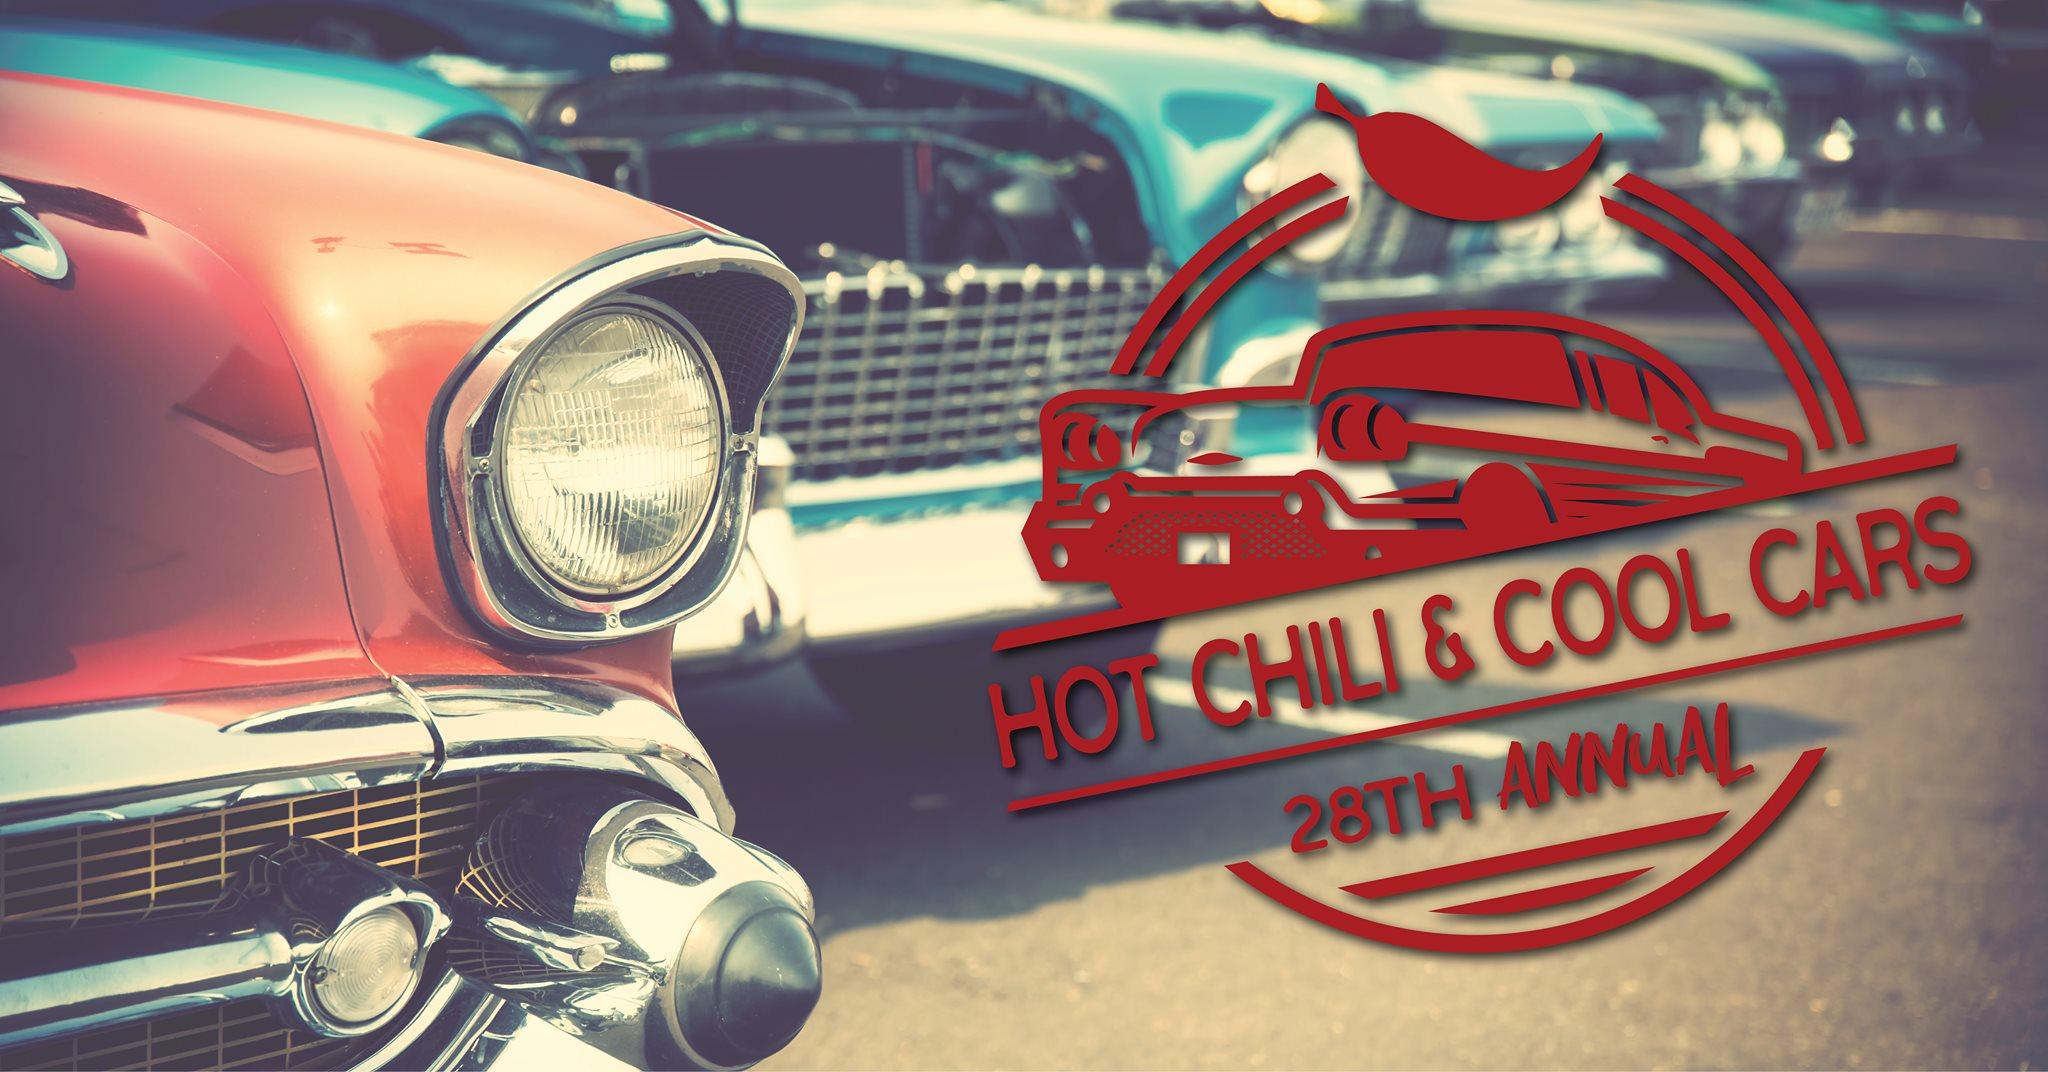 Hot Chili & Cool Cars